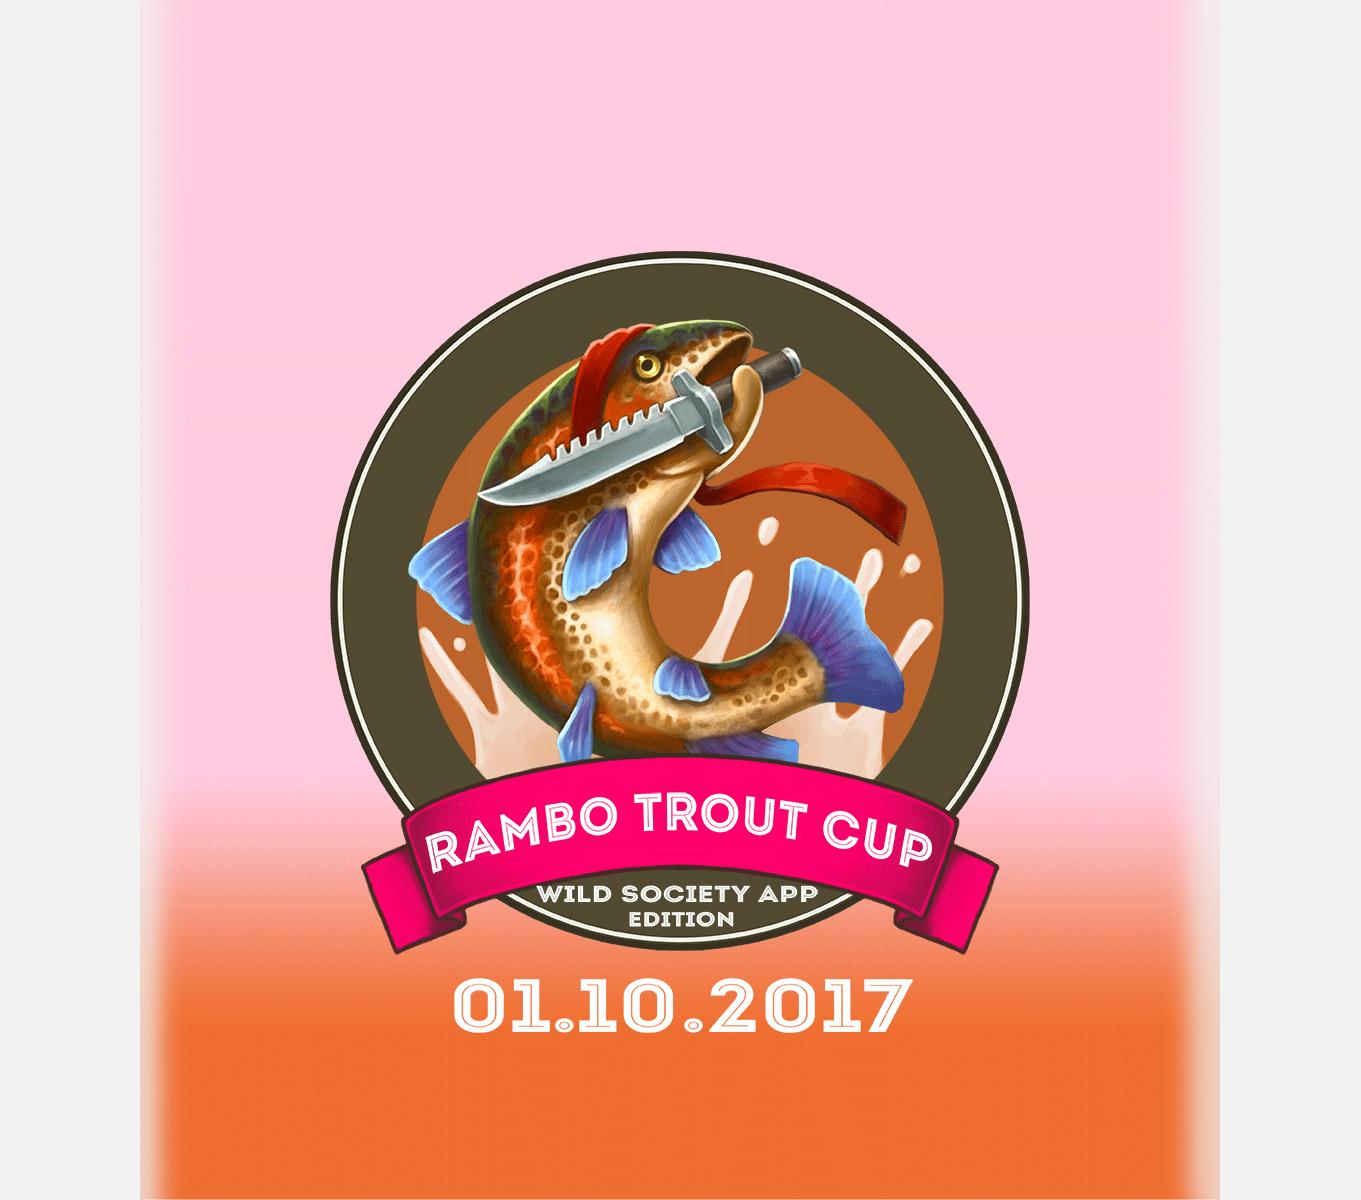 regolamento e informazioni per la Rambo Cup WS Edition 2017